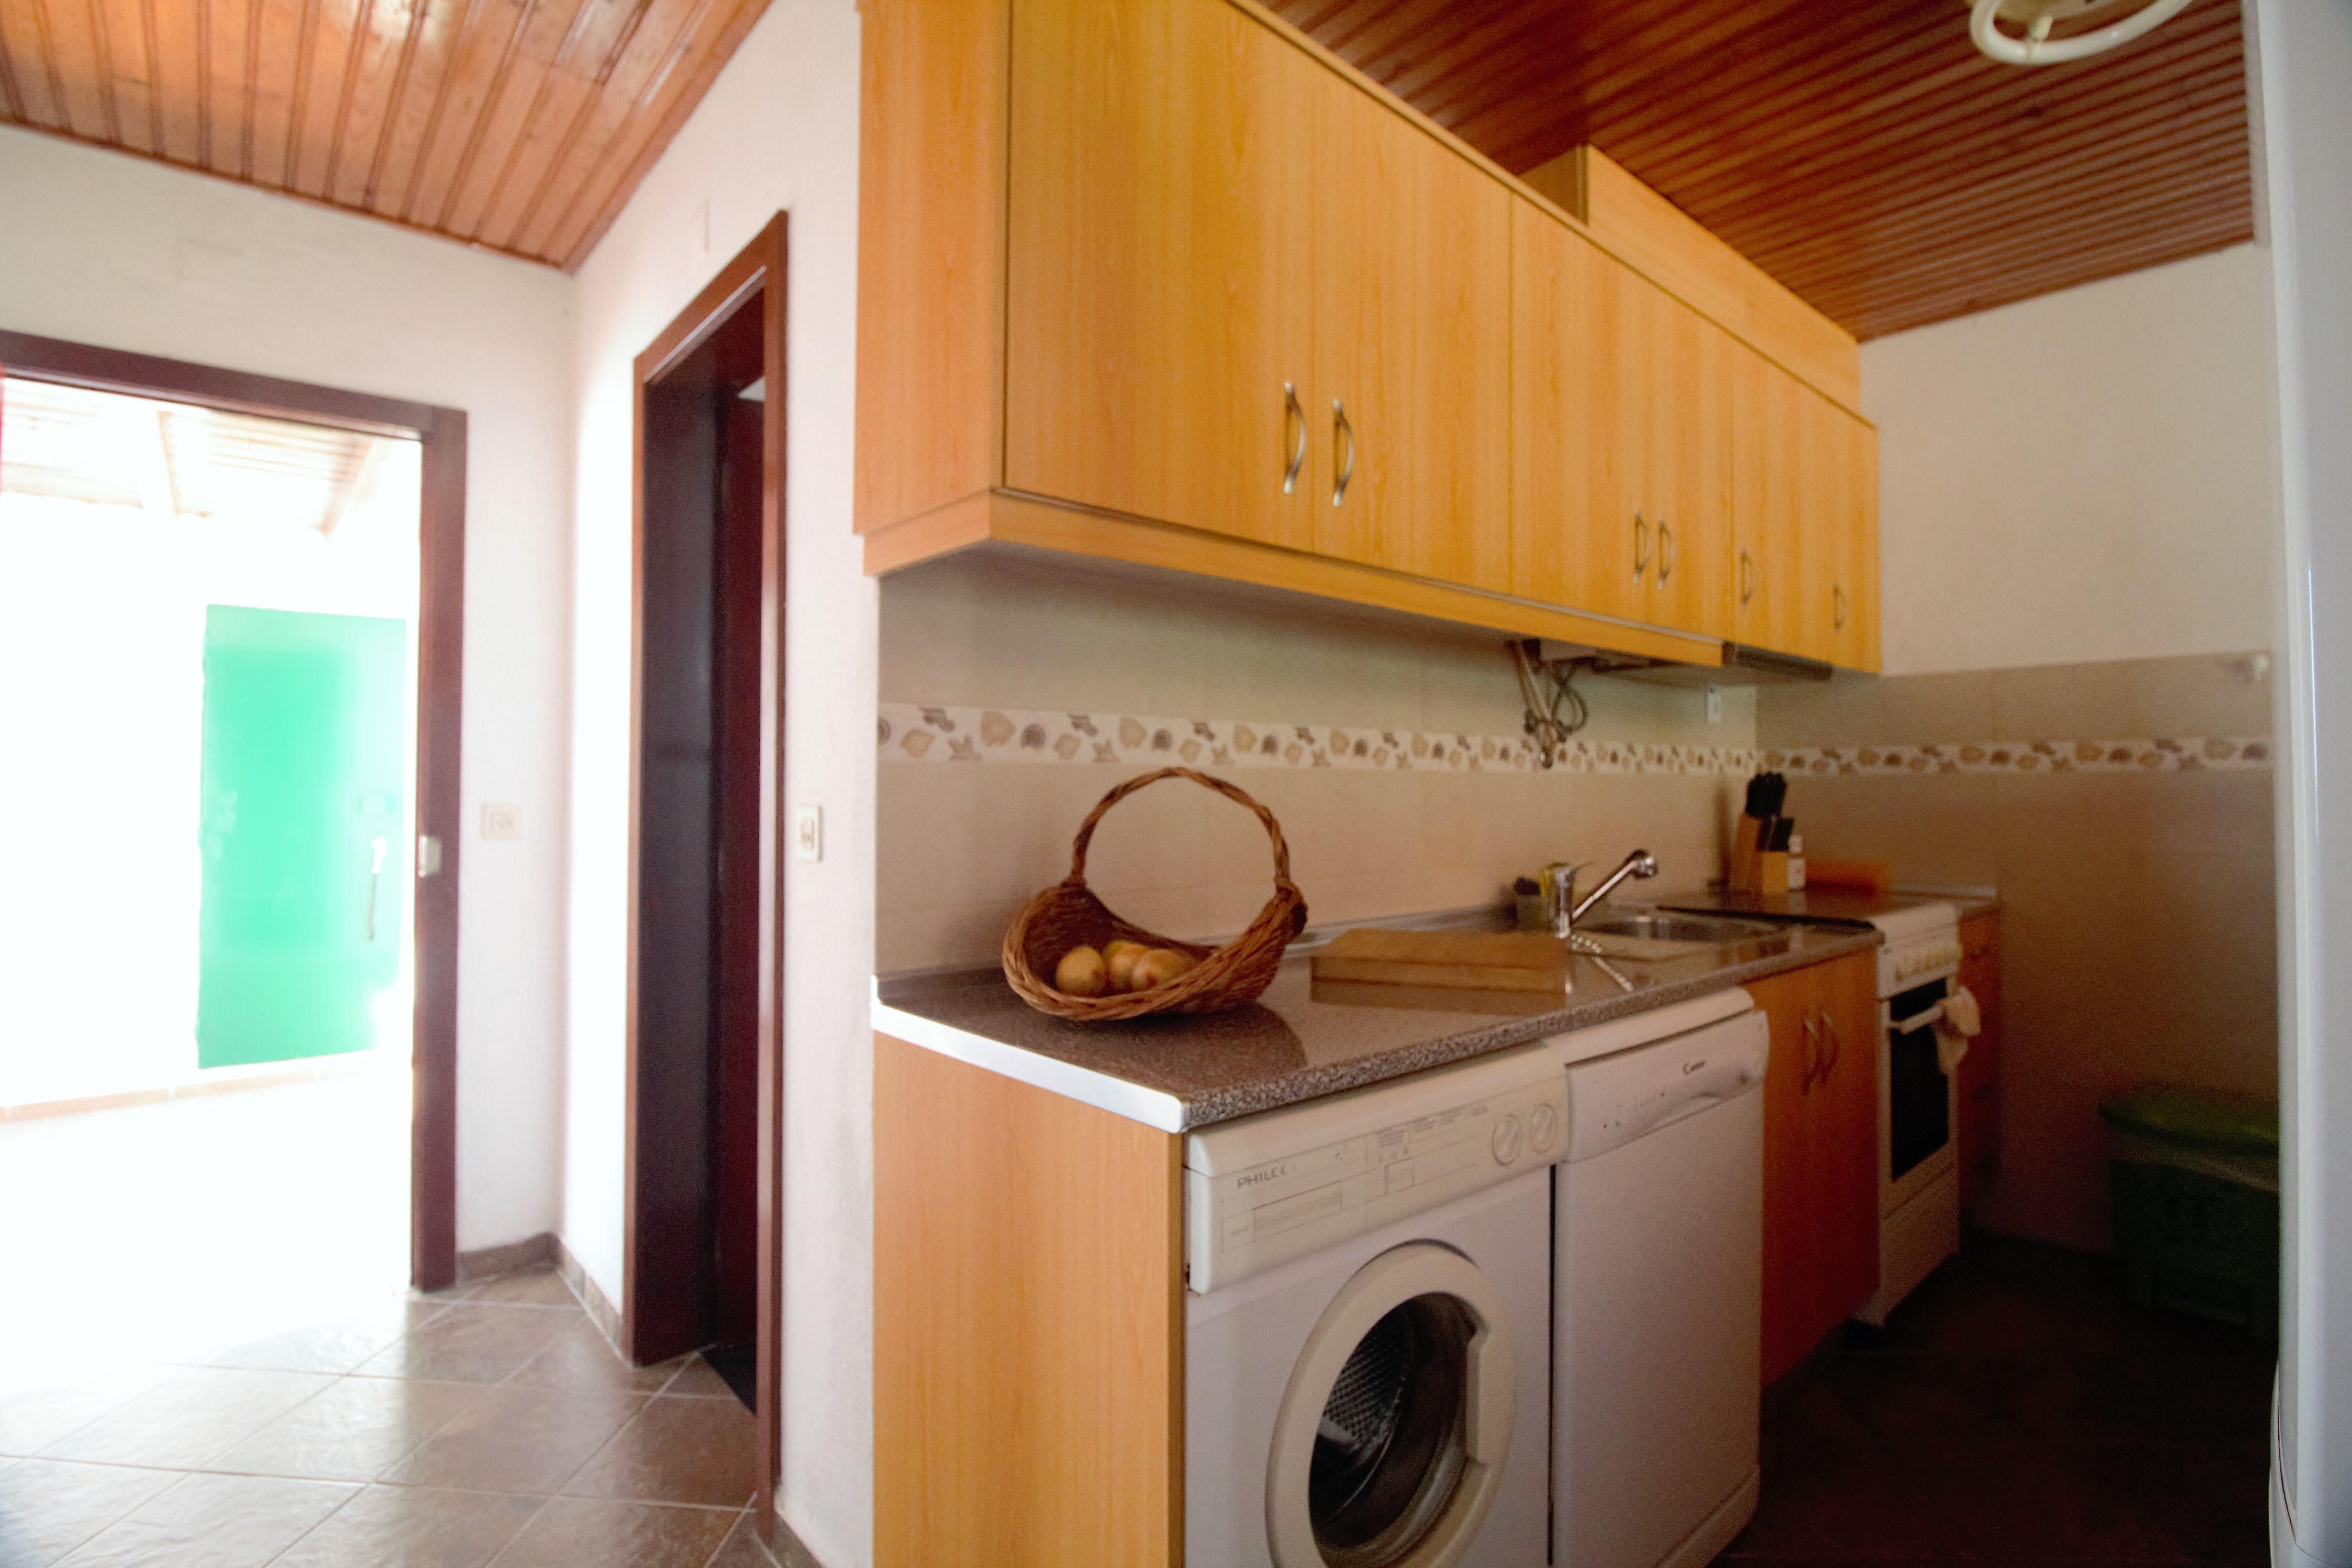 Holiday apartments and villas for rent, Moradia no Algarve com vista mar 10 mint da praia (a pé) in Olhão, Portugal Algarve, REF_IMG_6691_6699